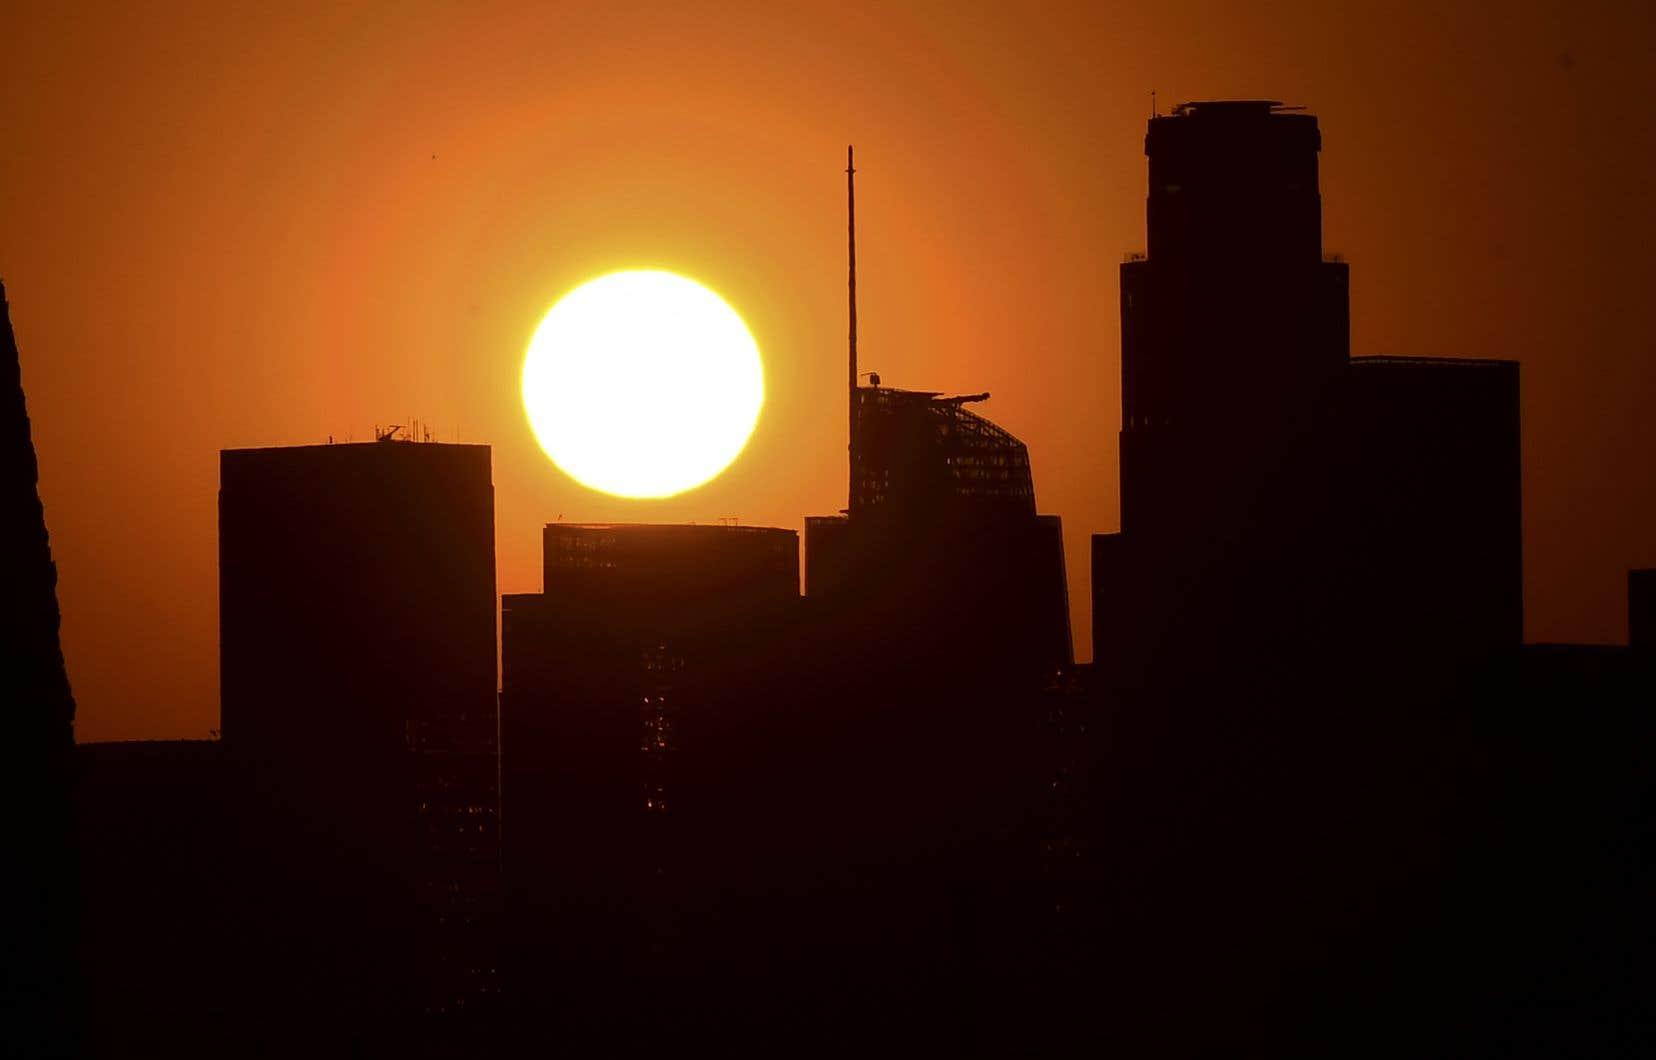 L'Amérique du Nord a connu un mois de septembre particulièrement chaud, avec notamment 49 °C enregistrés au début du mois dans le comté de Los Angeles.